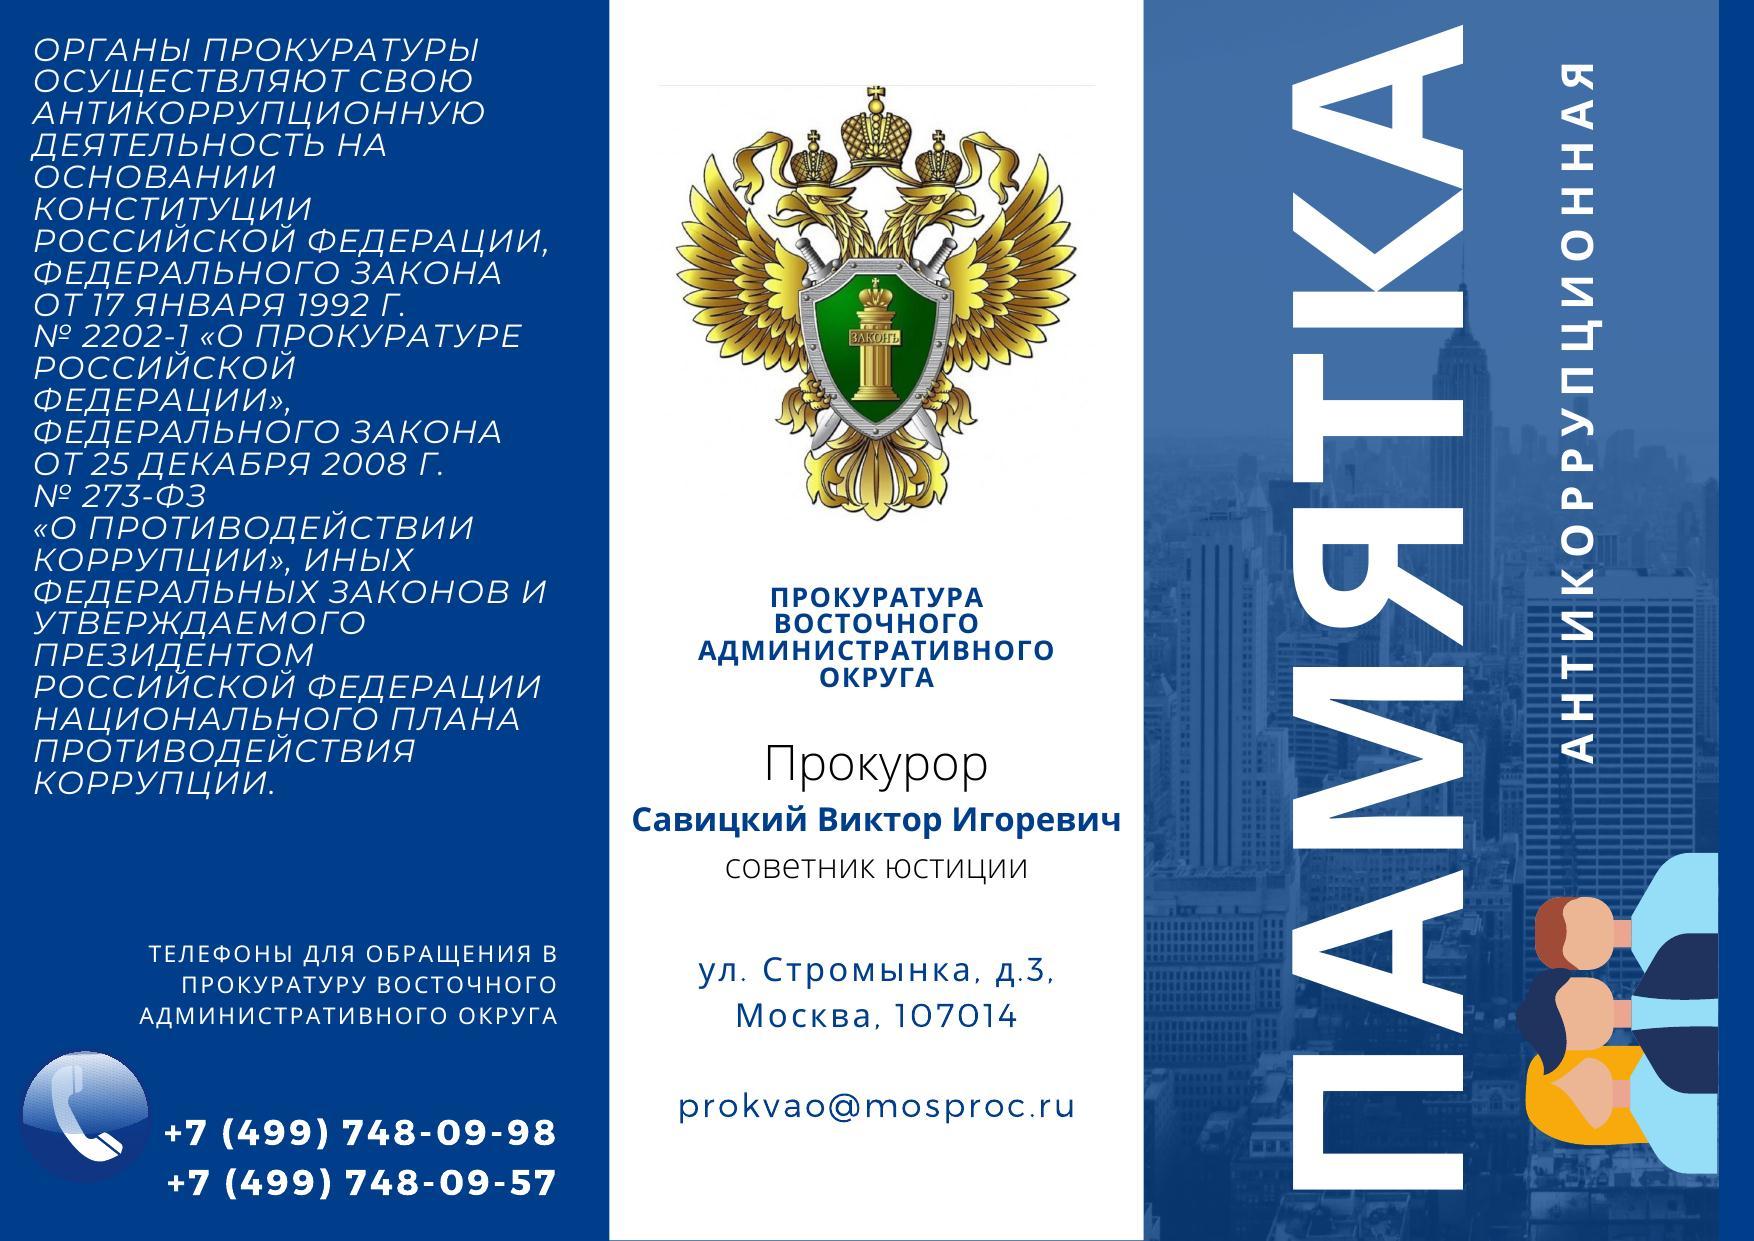 Прокурор Восточного административного округа города Москвы разъясняет